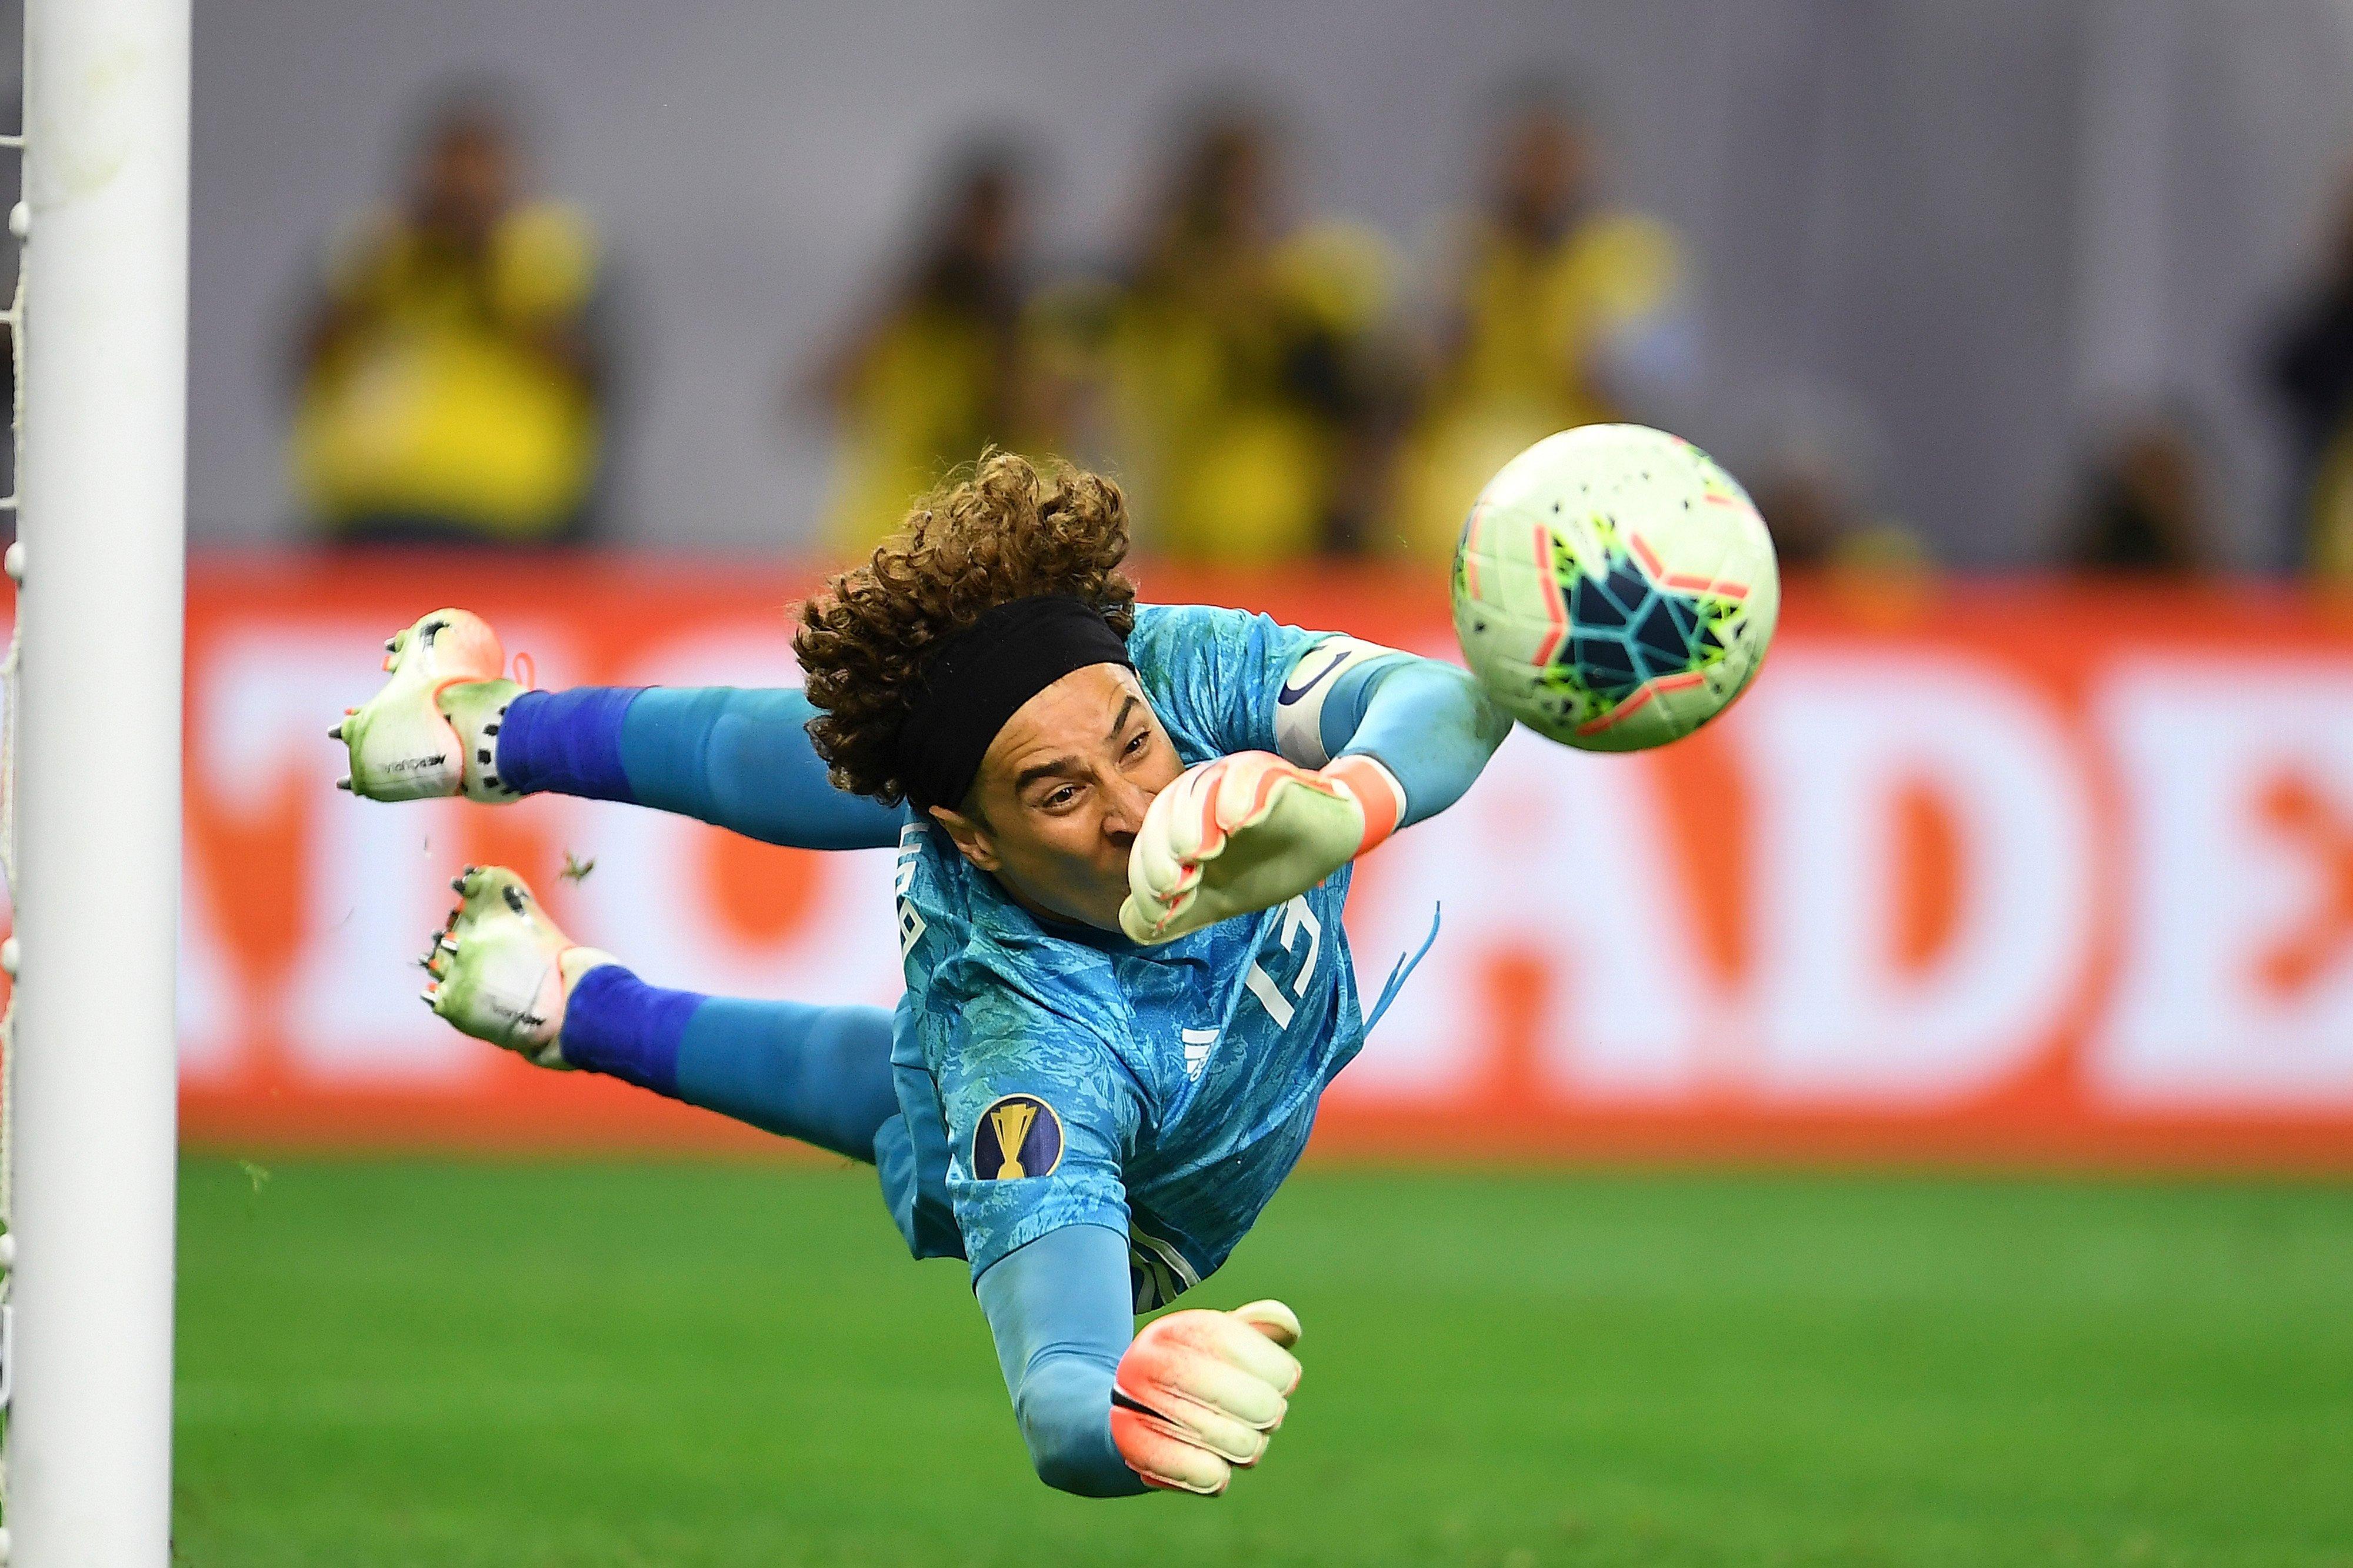 奥乔亚扑点,墨西哥点球淘汰哥斯达黎加晋级金杯赛四强